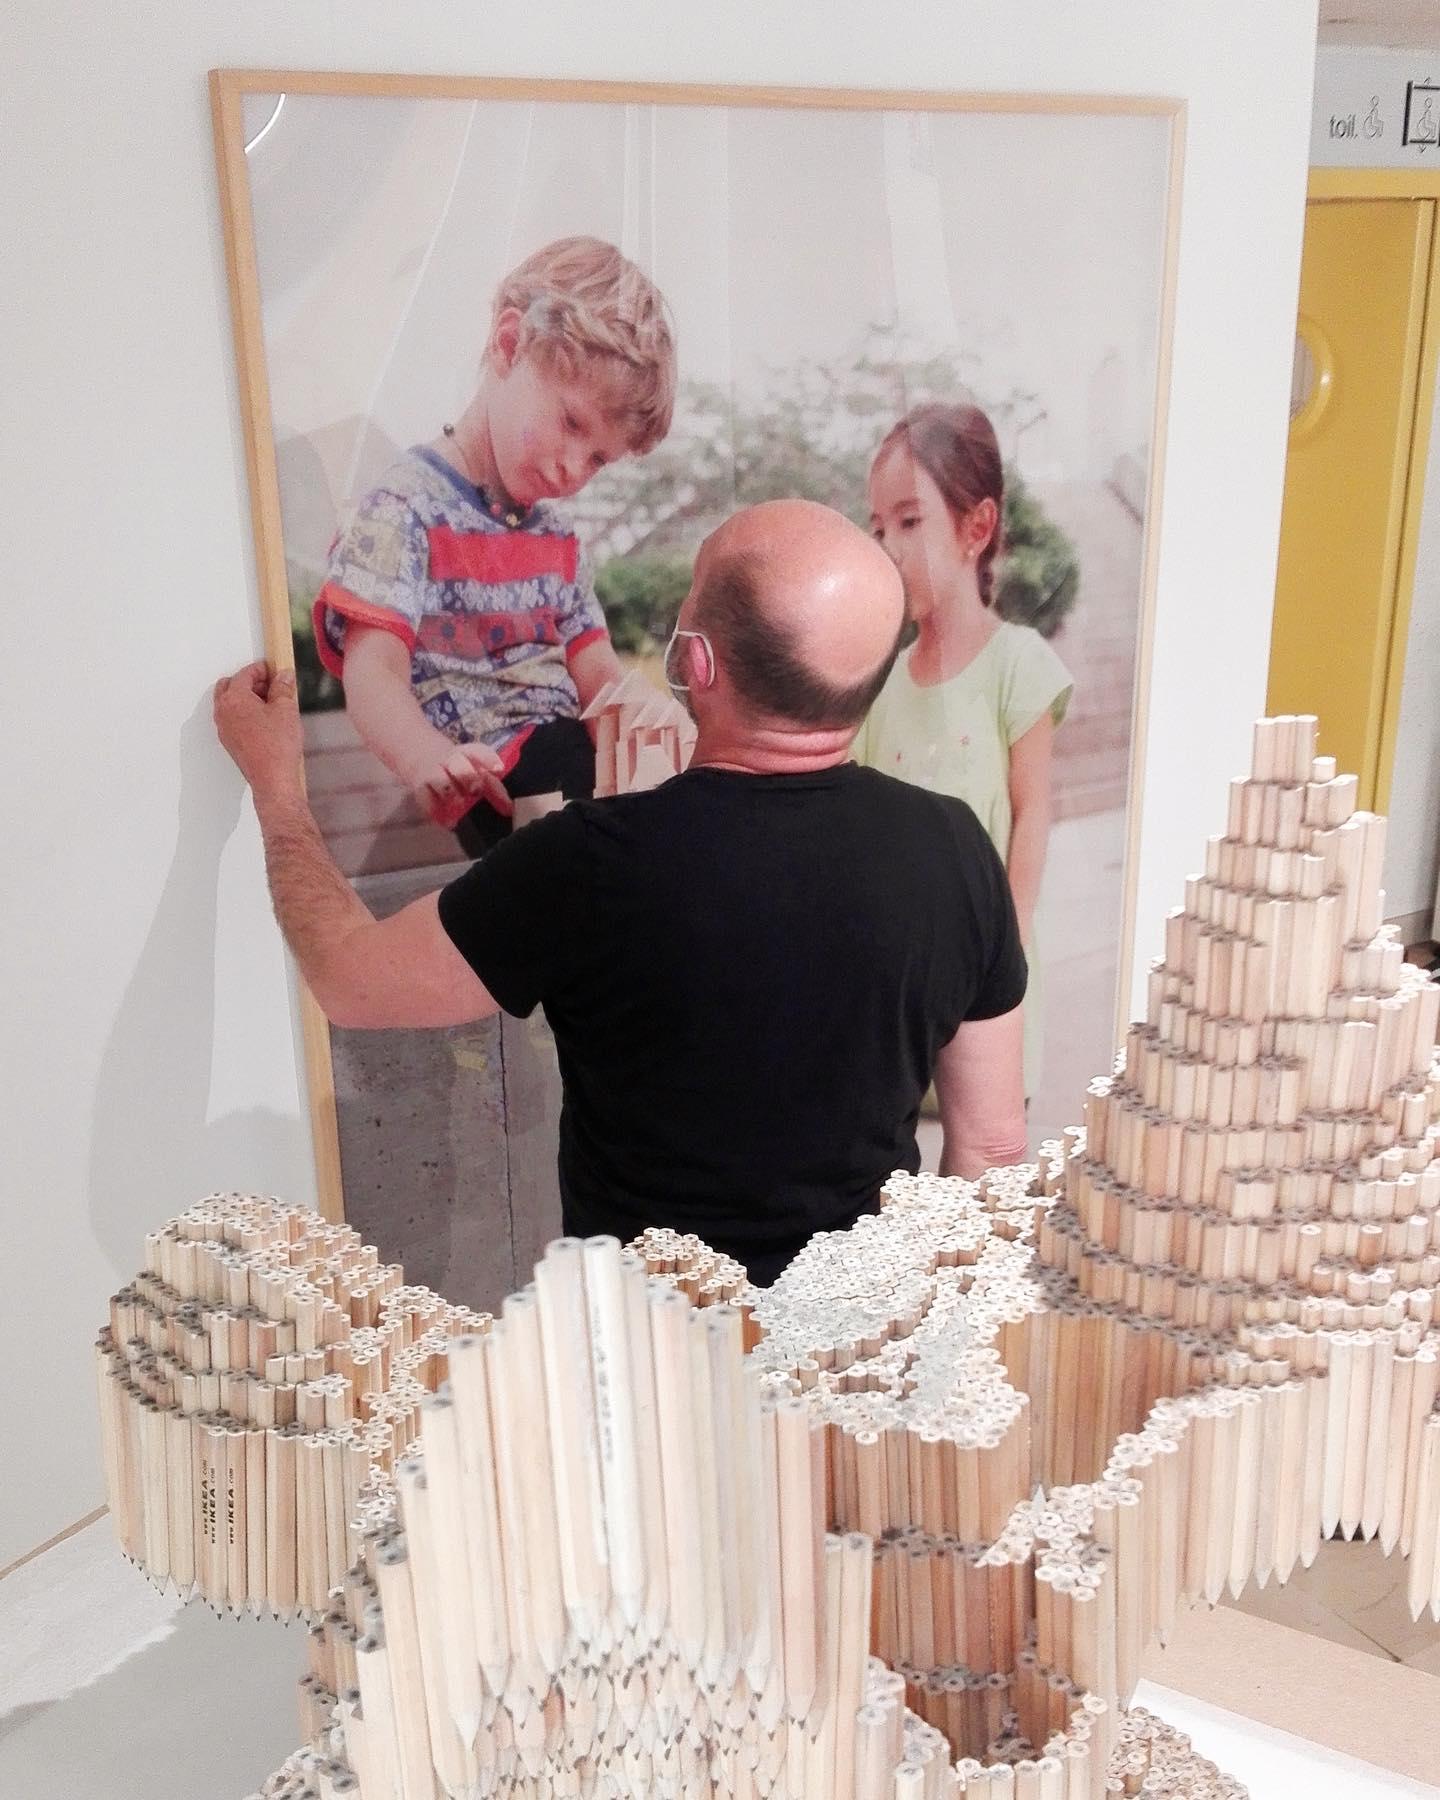 Exhibition Utopie, 2021, L'aNGLE, Cité scolaire Arsène d'Arsonval, Brive, France, FRAC-Artothèque Nouvelle-Aquitaine - Chloé Piot